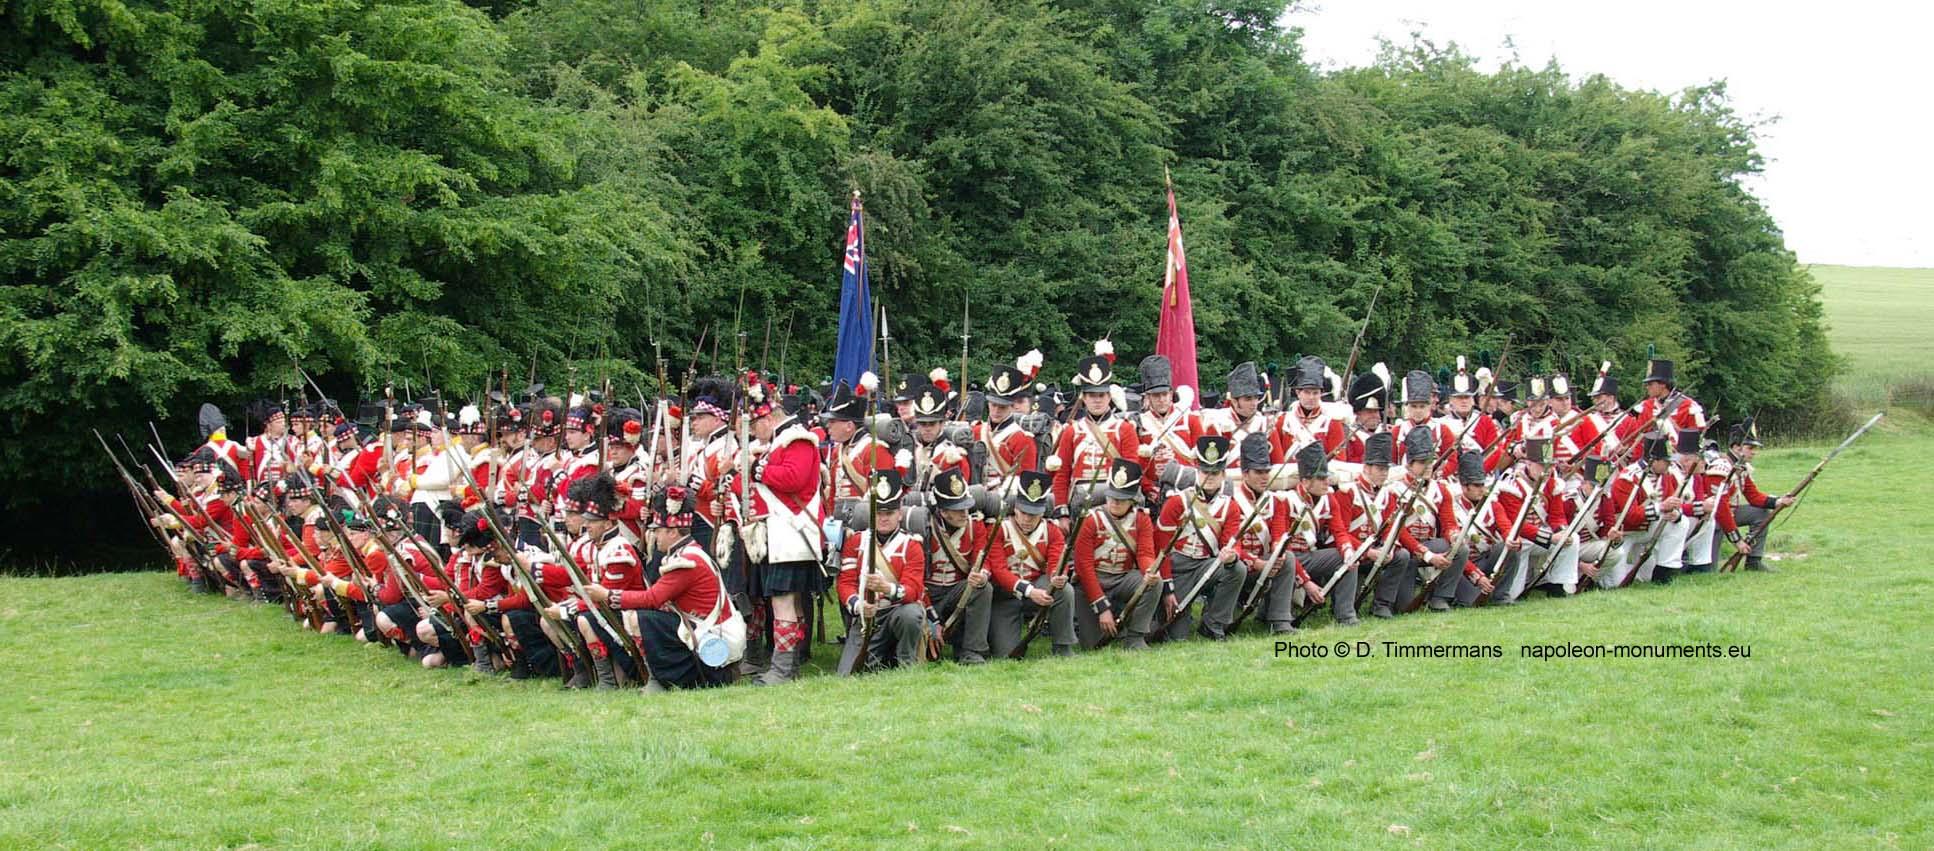 194ème anniversaire de la bataille de Waterloo 090620Waterloo019c